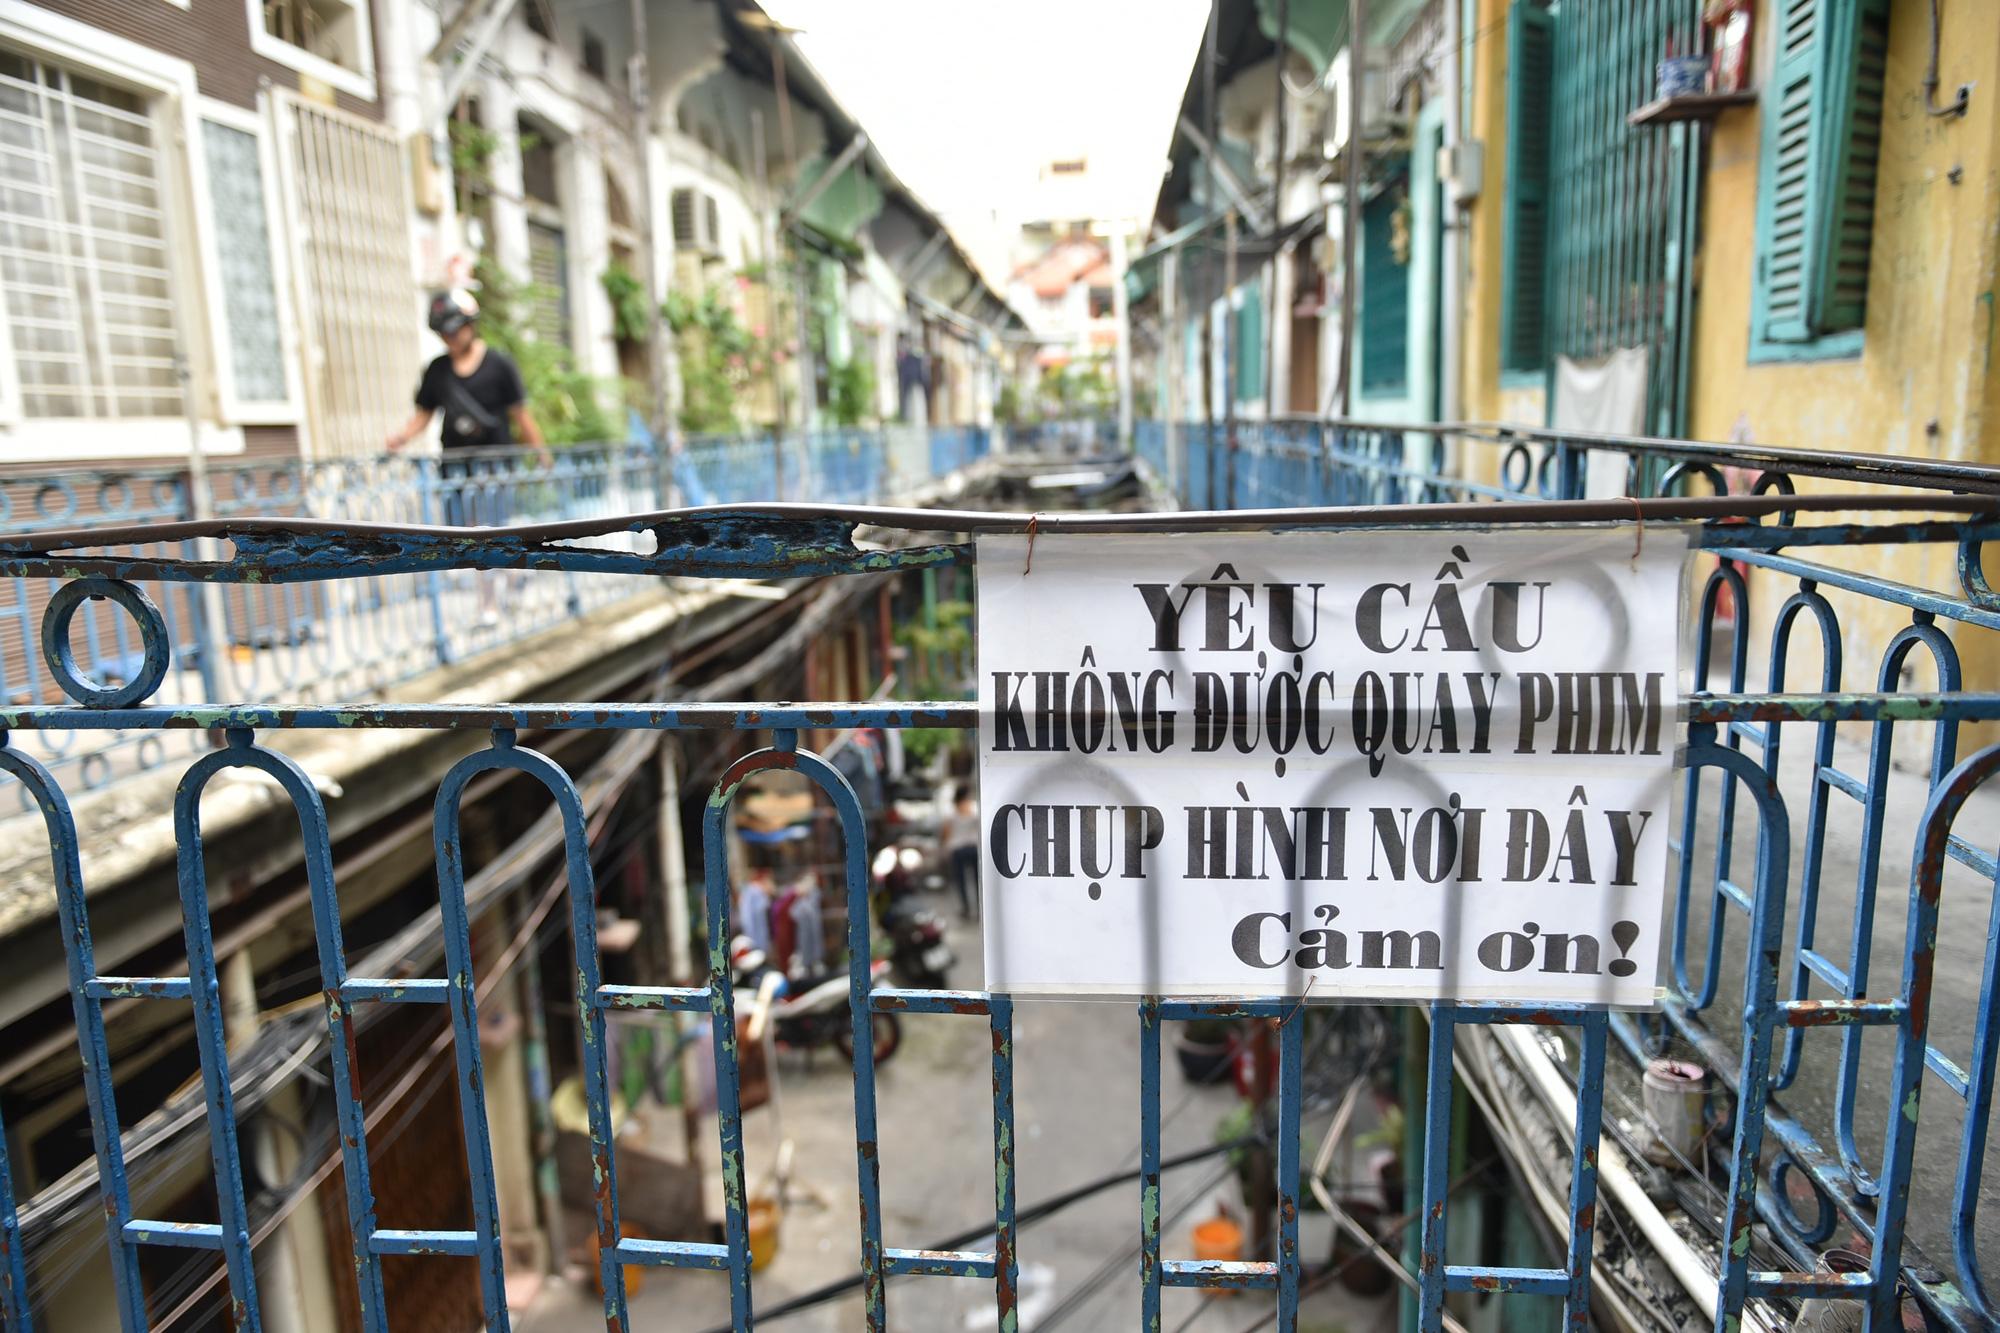 tourists, Ho Chi Minh City, Saigon, alley, Hao Si Phuong